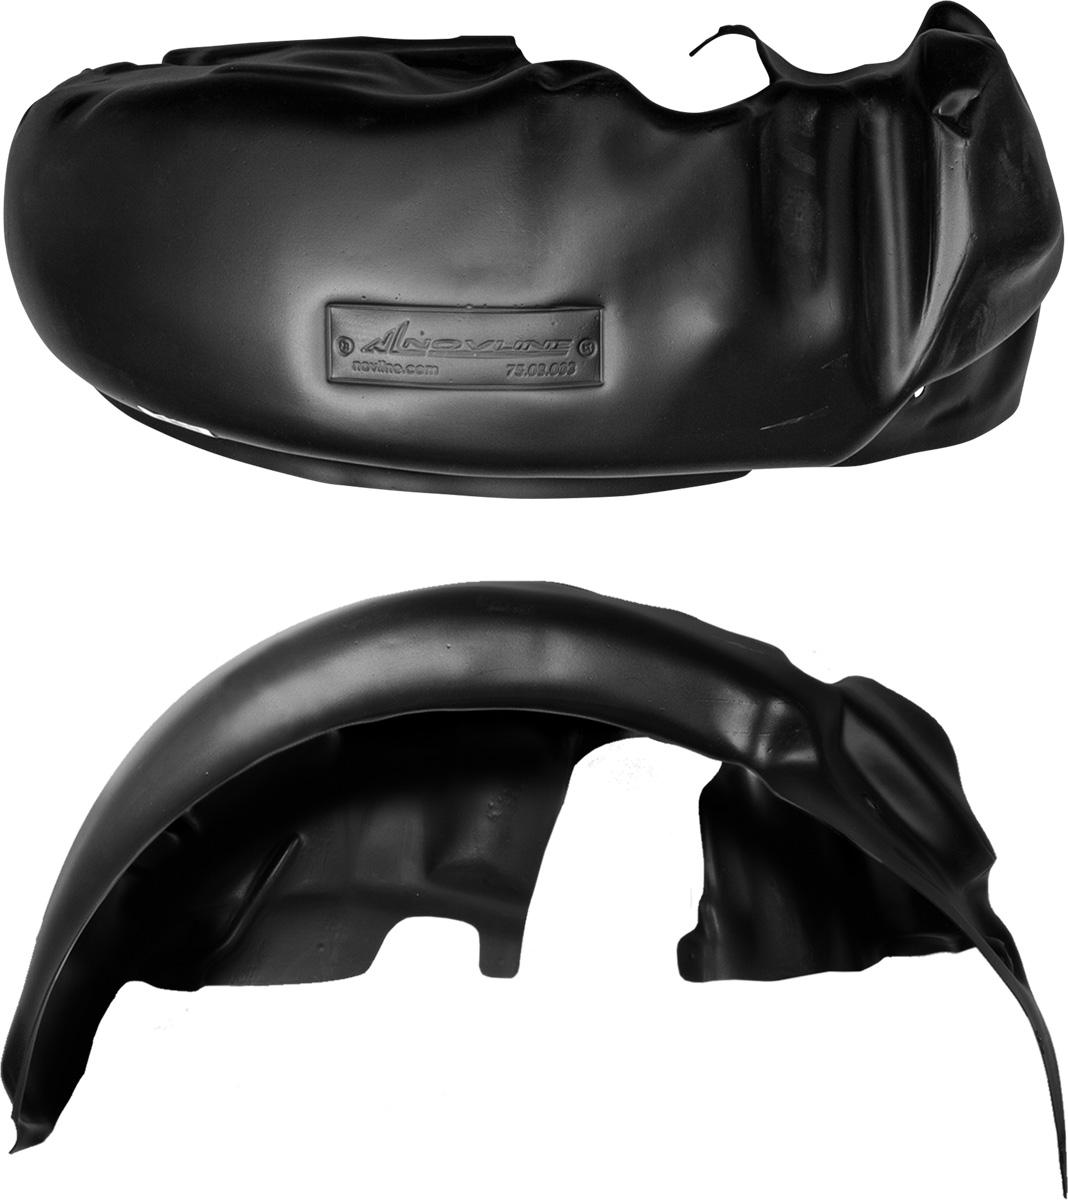 Подкрылок TOYOTA Land Cruiser Prado 12/2009->, задний правыйBI.TO.07.004Колесные ниши – одни из самых уязвимых зон днища вашего автомобиля. Они постоянно подвергаются воздействию со стороны дороги. Лучшая, почти абсолютная защита для них - специально отформованные пластиковые кожухи, которые называются подкрылками, или локерами. Производятся они как для отечественных моделей автомобилей, так и для иномарок. Подкрылки выполнены из высококачественного, экологически чистого пластика. Обеспечивают надежную защиту кузова автомобиля от пескоструйного эффекта и негативного влияния, агрессивных антигололедных реагентов. Пластик обладает более низкой теплопроводностью, чем металл, поэтому в зимний период эксплуатации использование пластиковых подкрылков позволяет лучше защитить колесные ниши от налипания снега и образования наледи. Оригинальность конструкции подчеркивает элегантность автомобиля, бережно защищает нанесенное на днище кузова антикоррозийное покрытие и позволяет осуществить крепление подкрылков внутри колесной арки практически без дополнительного...